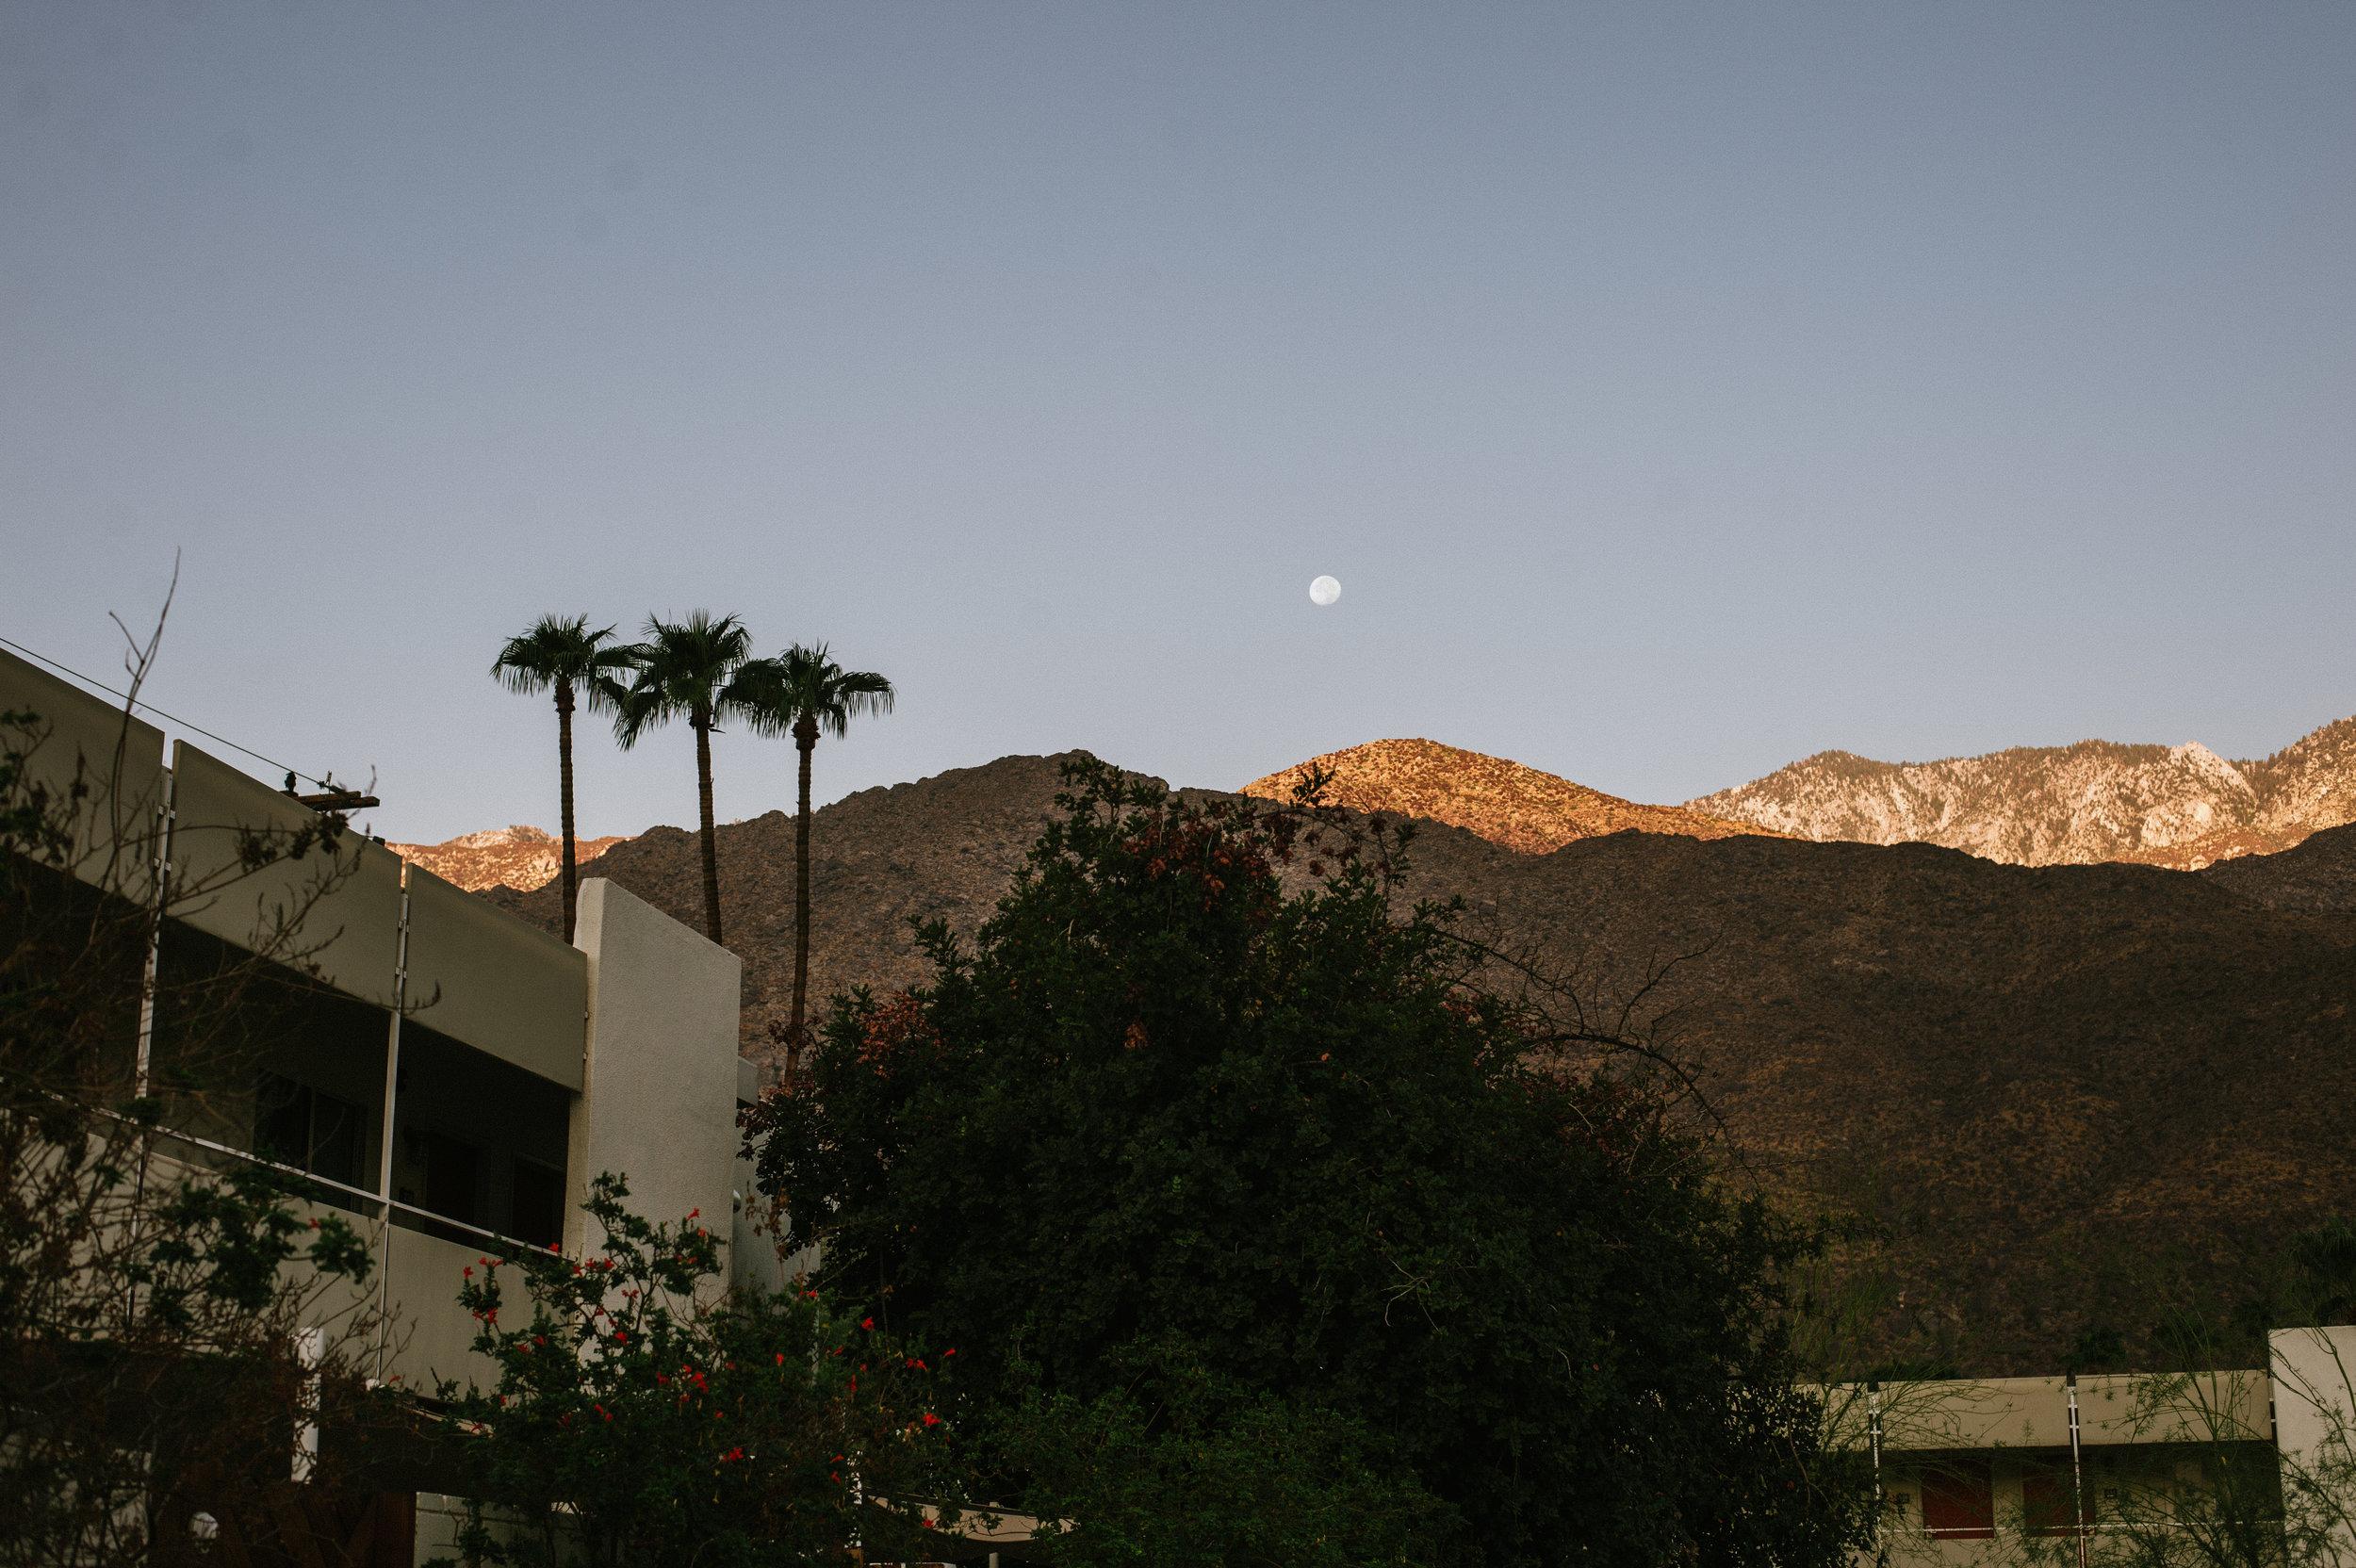 The-Glossier-Palm-Springs-CA-55.jpg